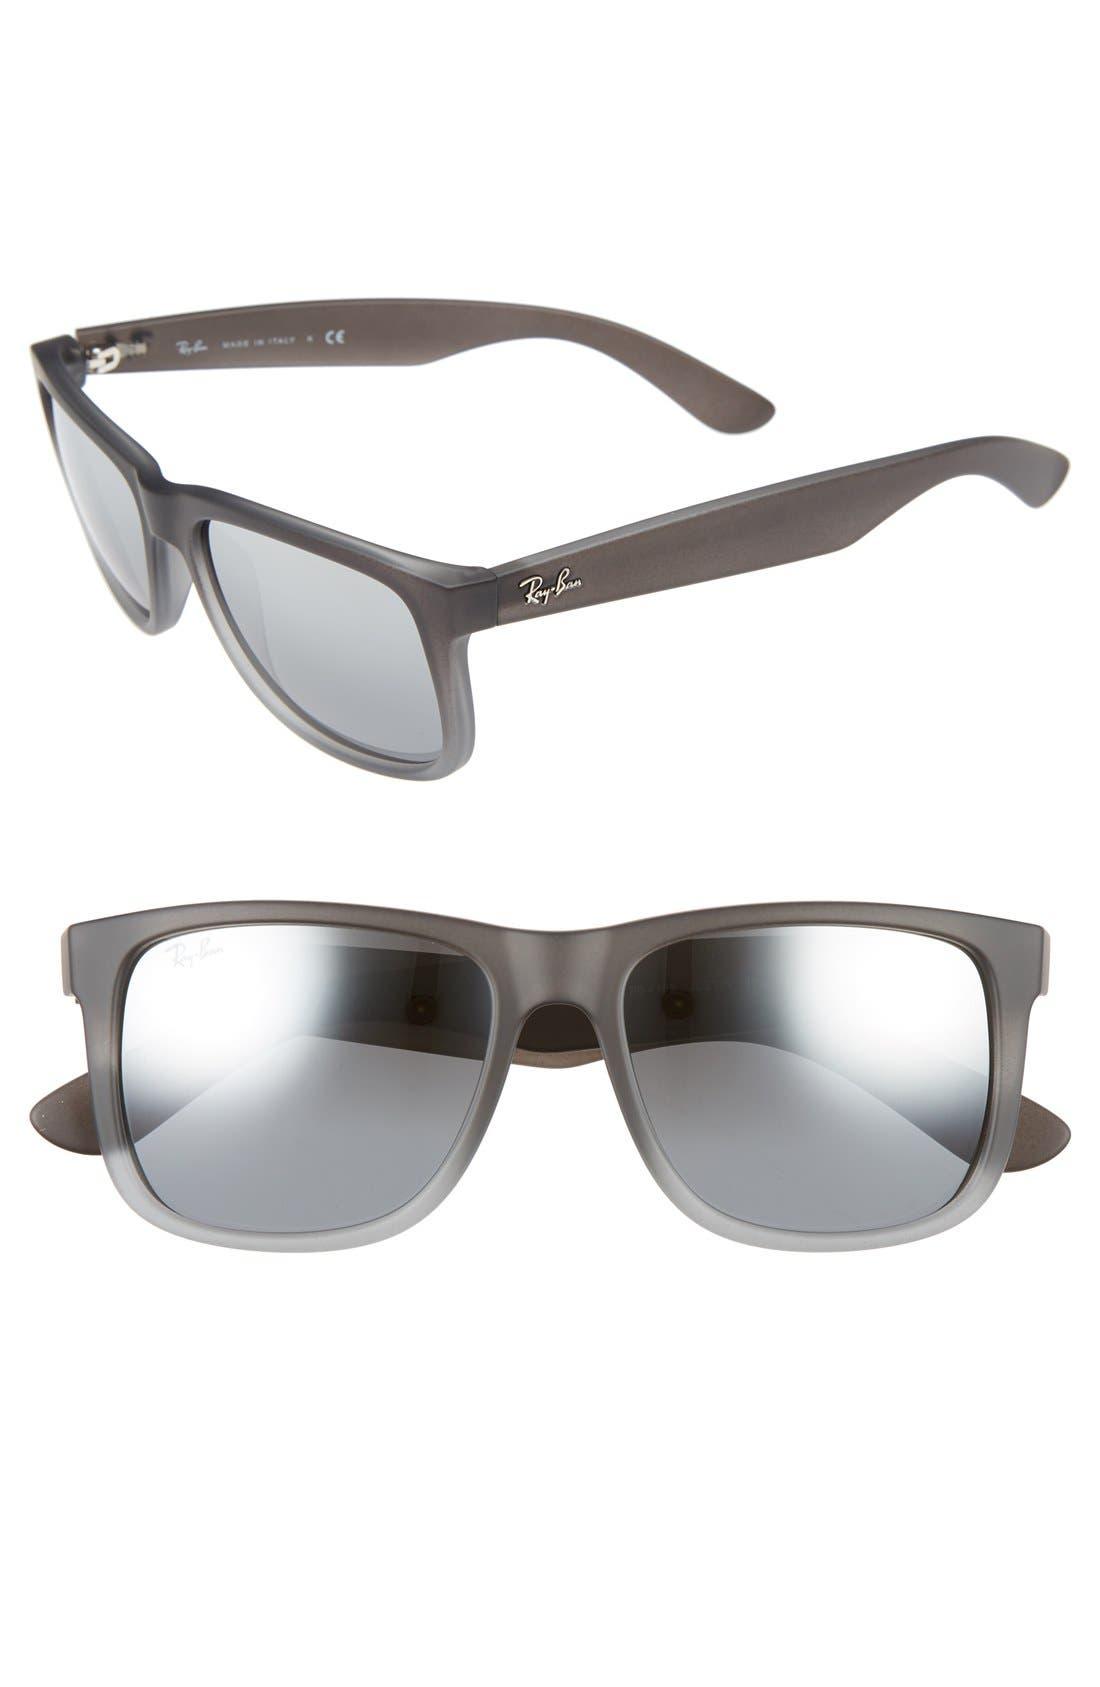 Main Image - Ray-Ban 54mm Sunglasses